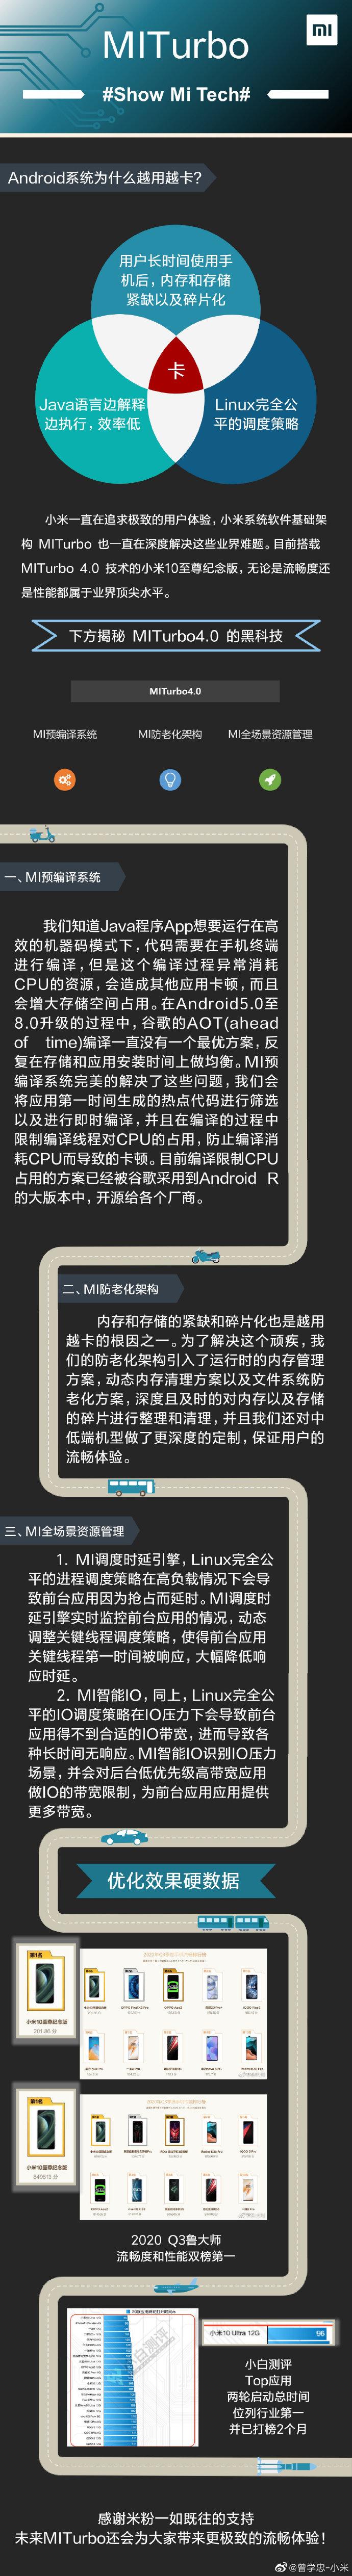 小米曾学忠解答小米黑科技 –  MITurbo-玩懂手机网 - 玩懂手机第一手的手机资讯网(www.wdshouji.com)